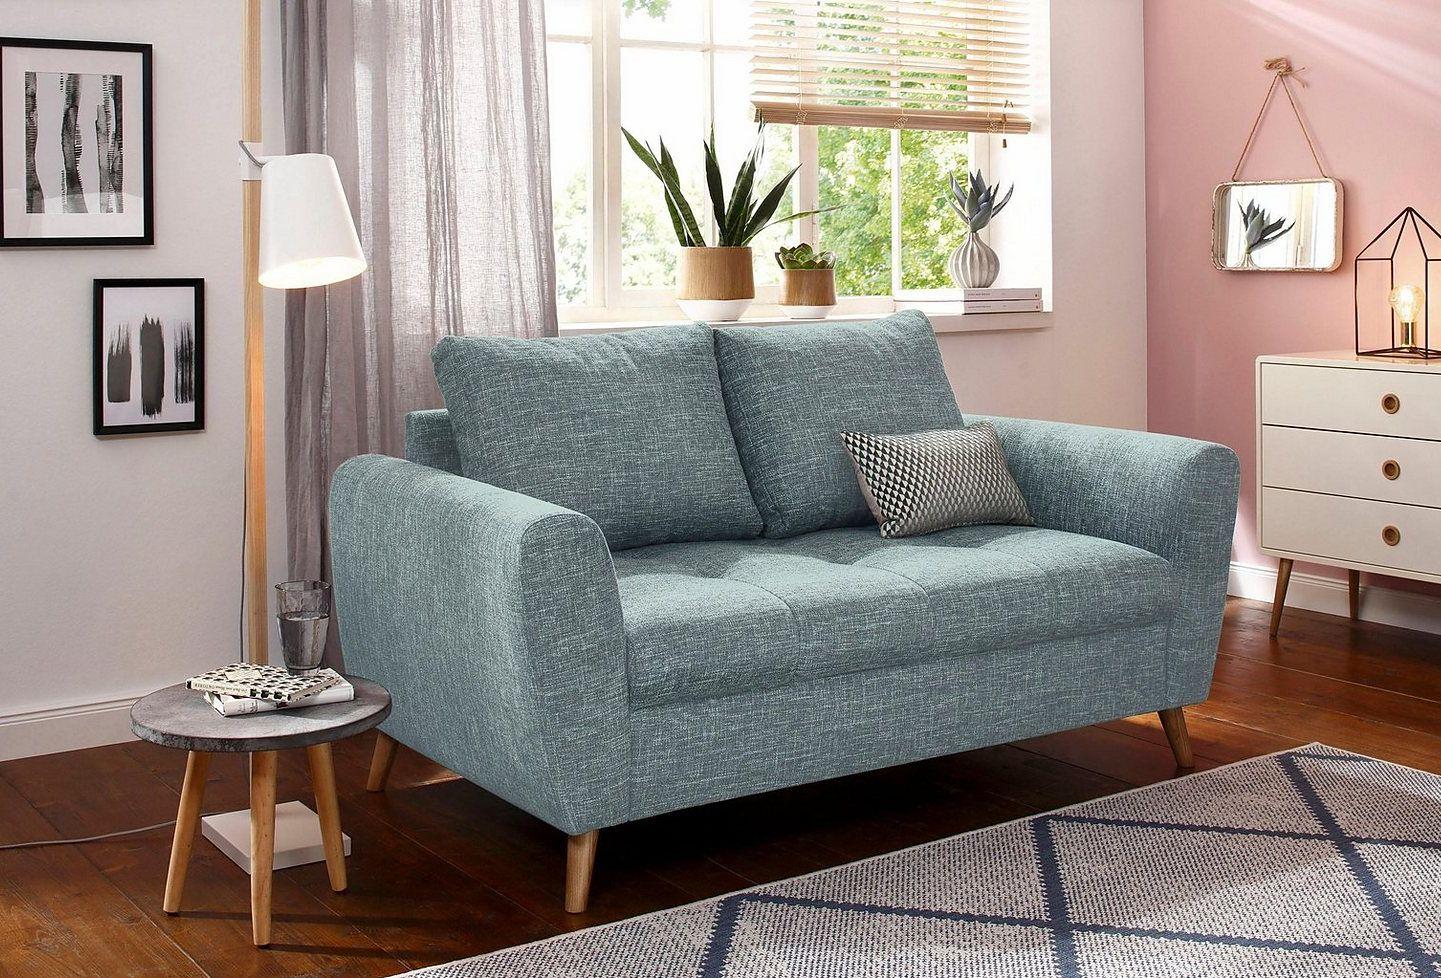 Home affaire 2-Sitzer »Penelope«, mit feiner Steppung im ...